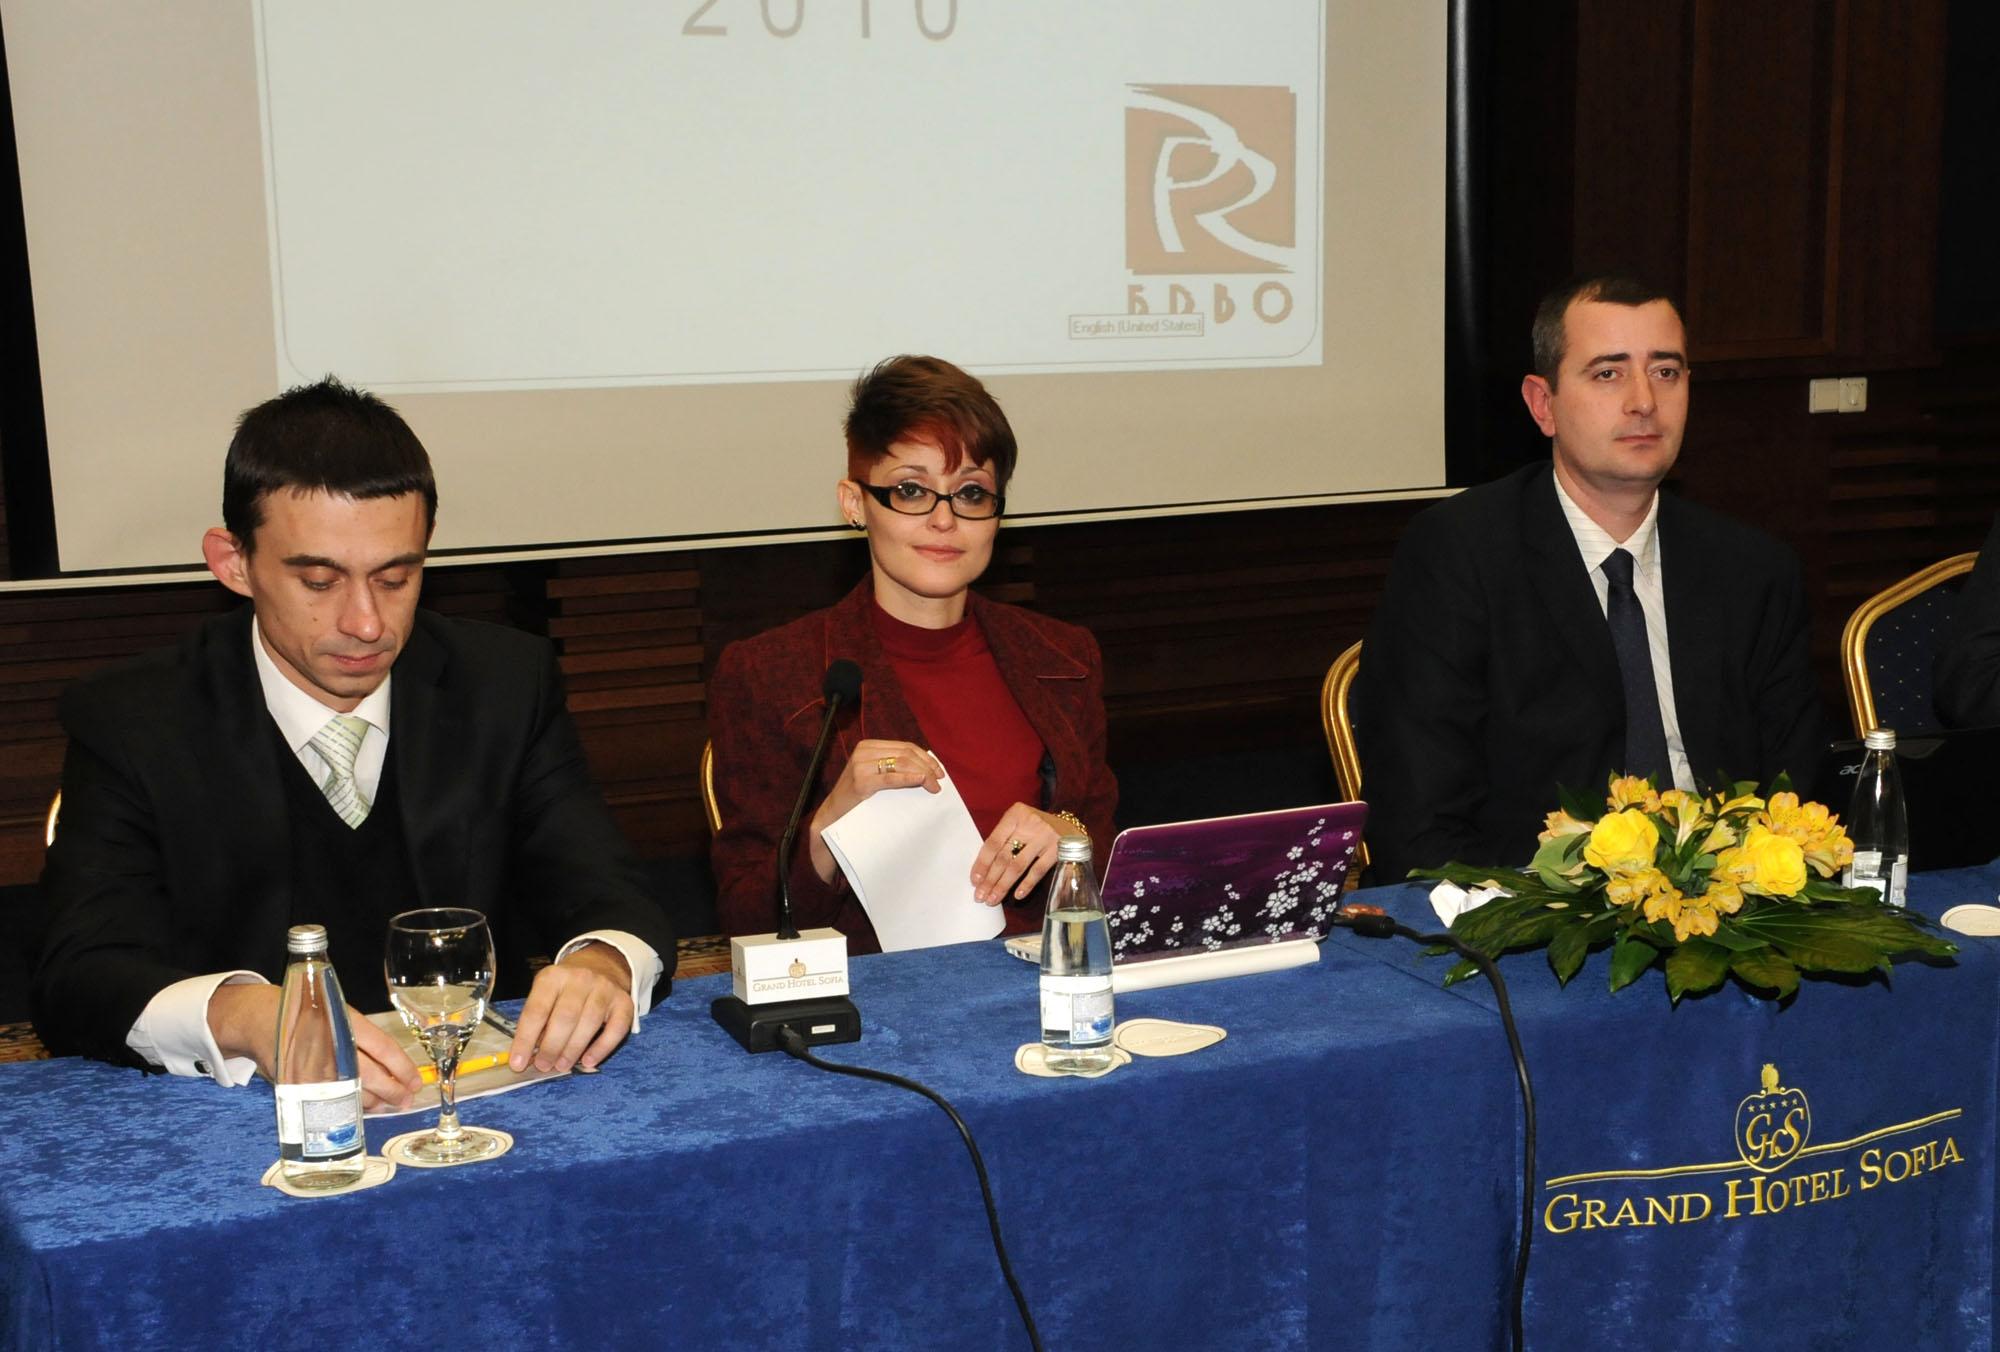 Д-р Александър Христов - председател на дружеството за 2012 година, Милена Атанасова - бивш председател на БДВО и настоящият председател на организацията Стоян Стоянов (от ляво на дясно)